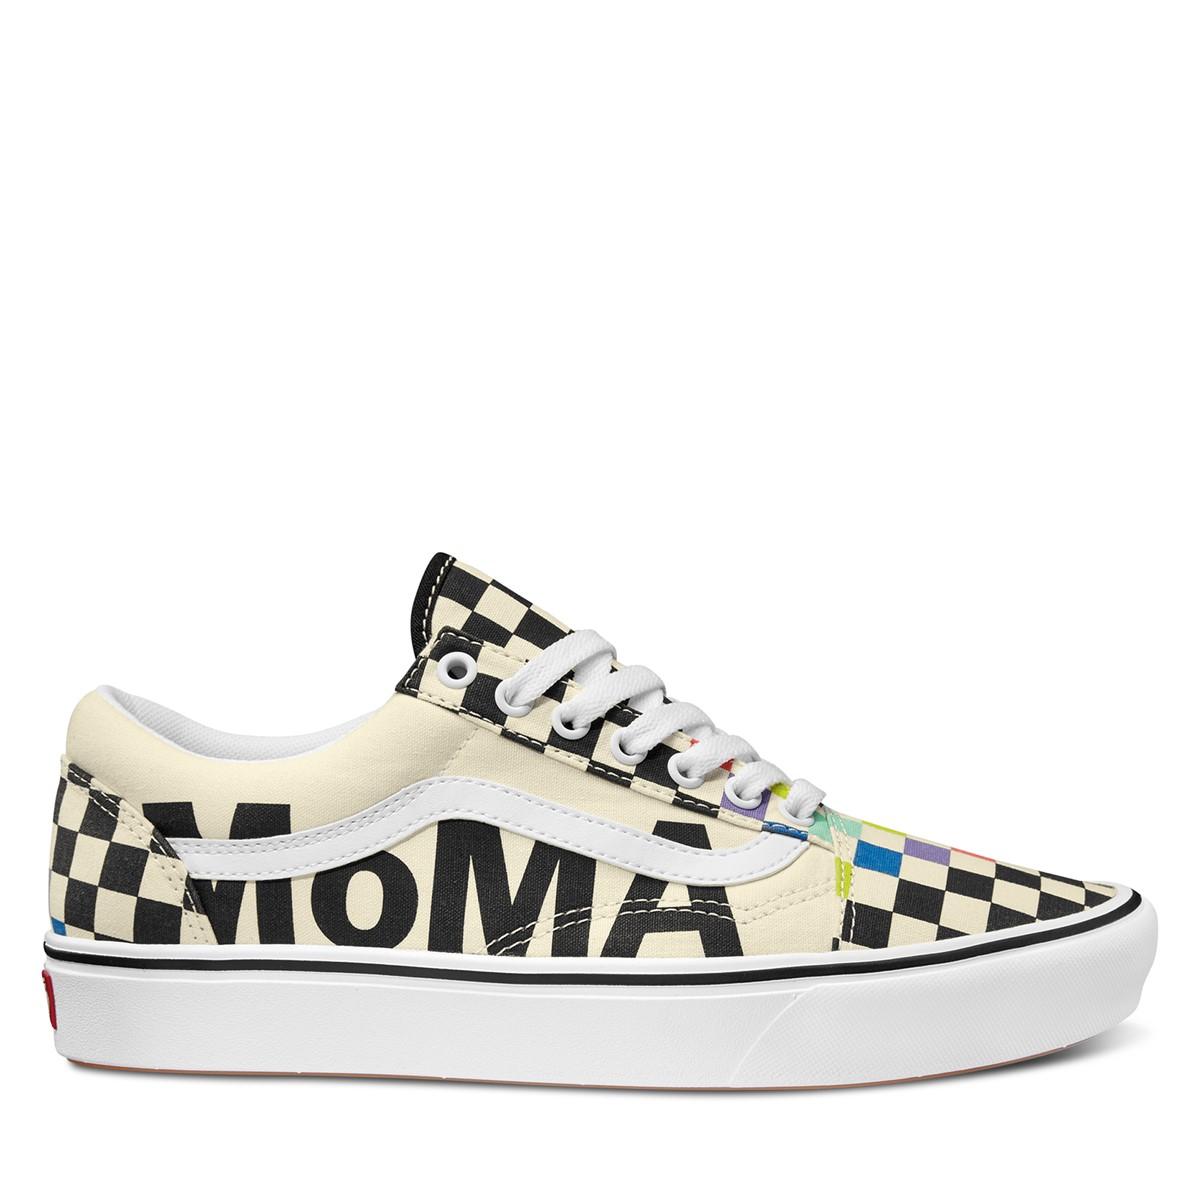 Vans X MoMA Checkerboard ComfyCush Old Skool Sneakers in Cream